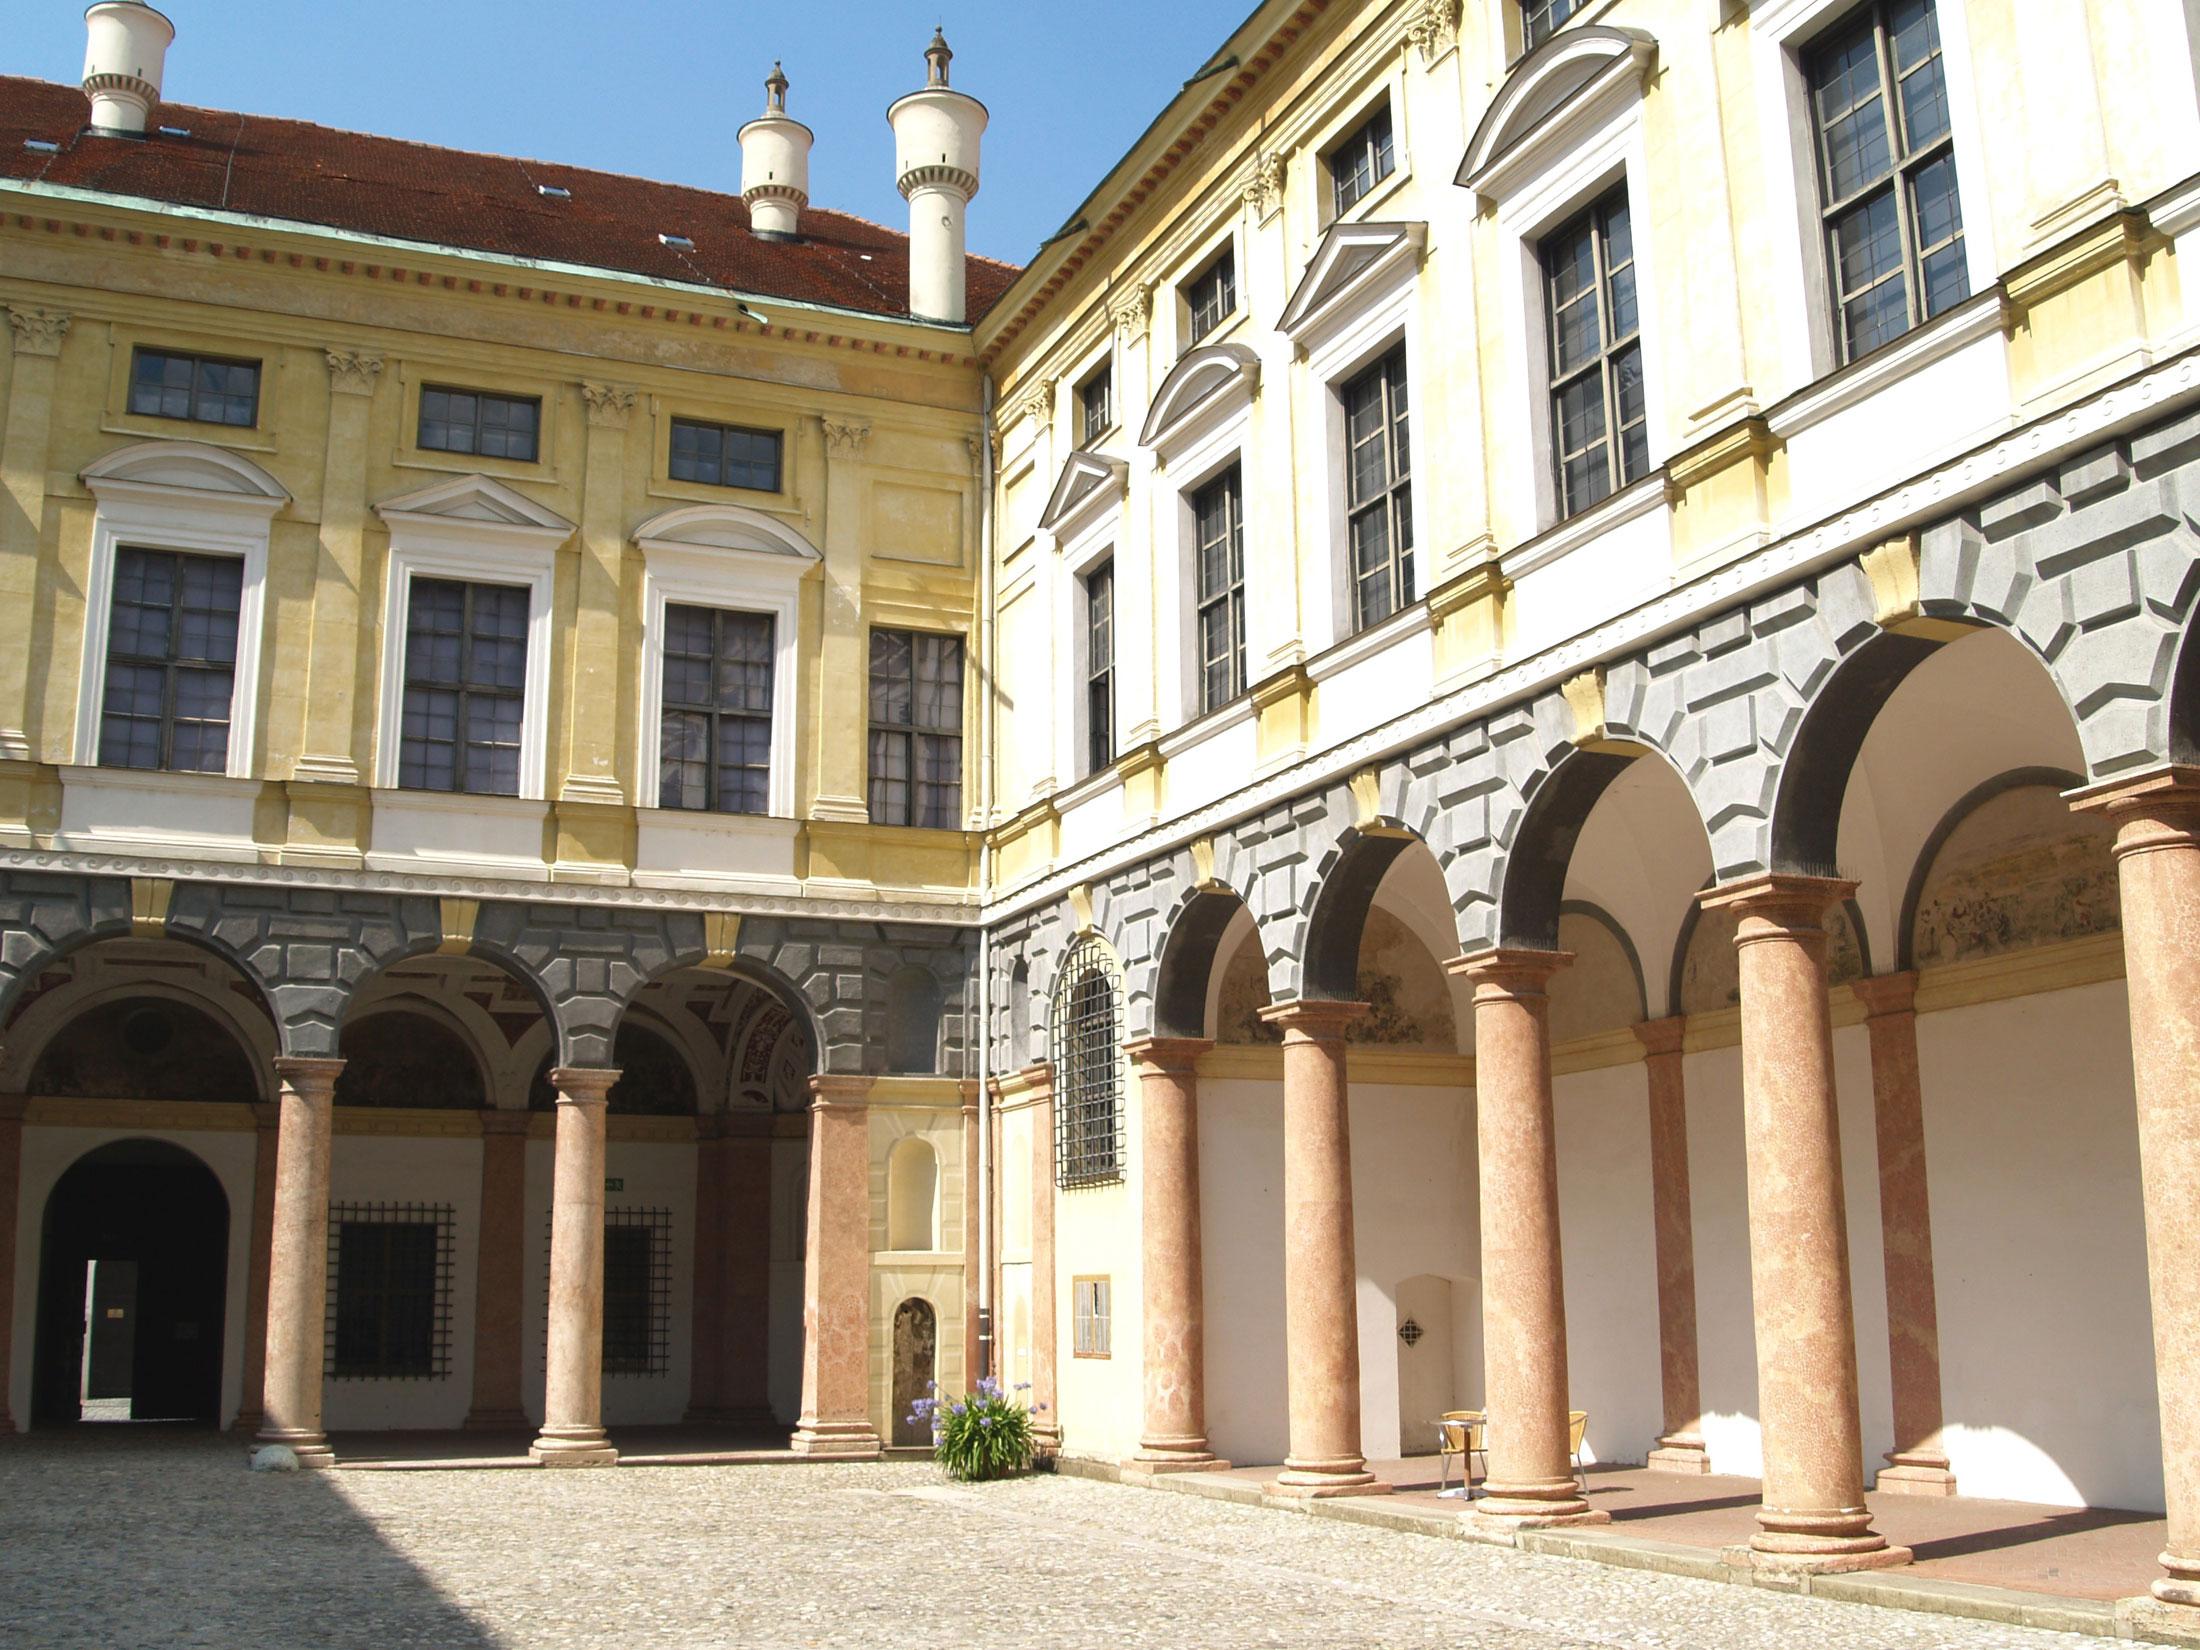 Die Landshuter Stadtresidenz: Ein italienischer Palazzo als erster Renaissancepalast nördlich der Alpen